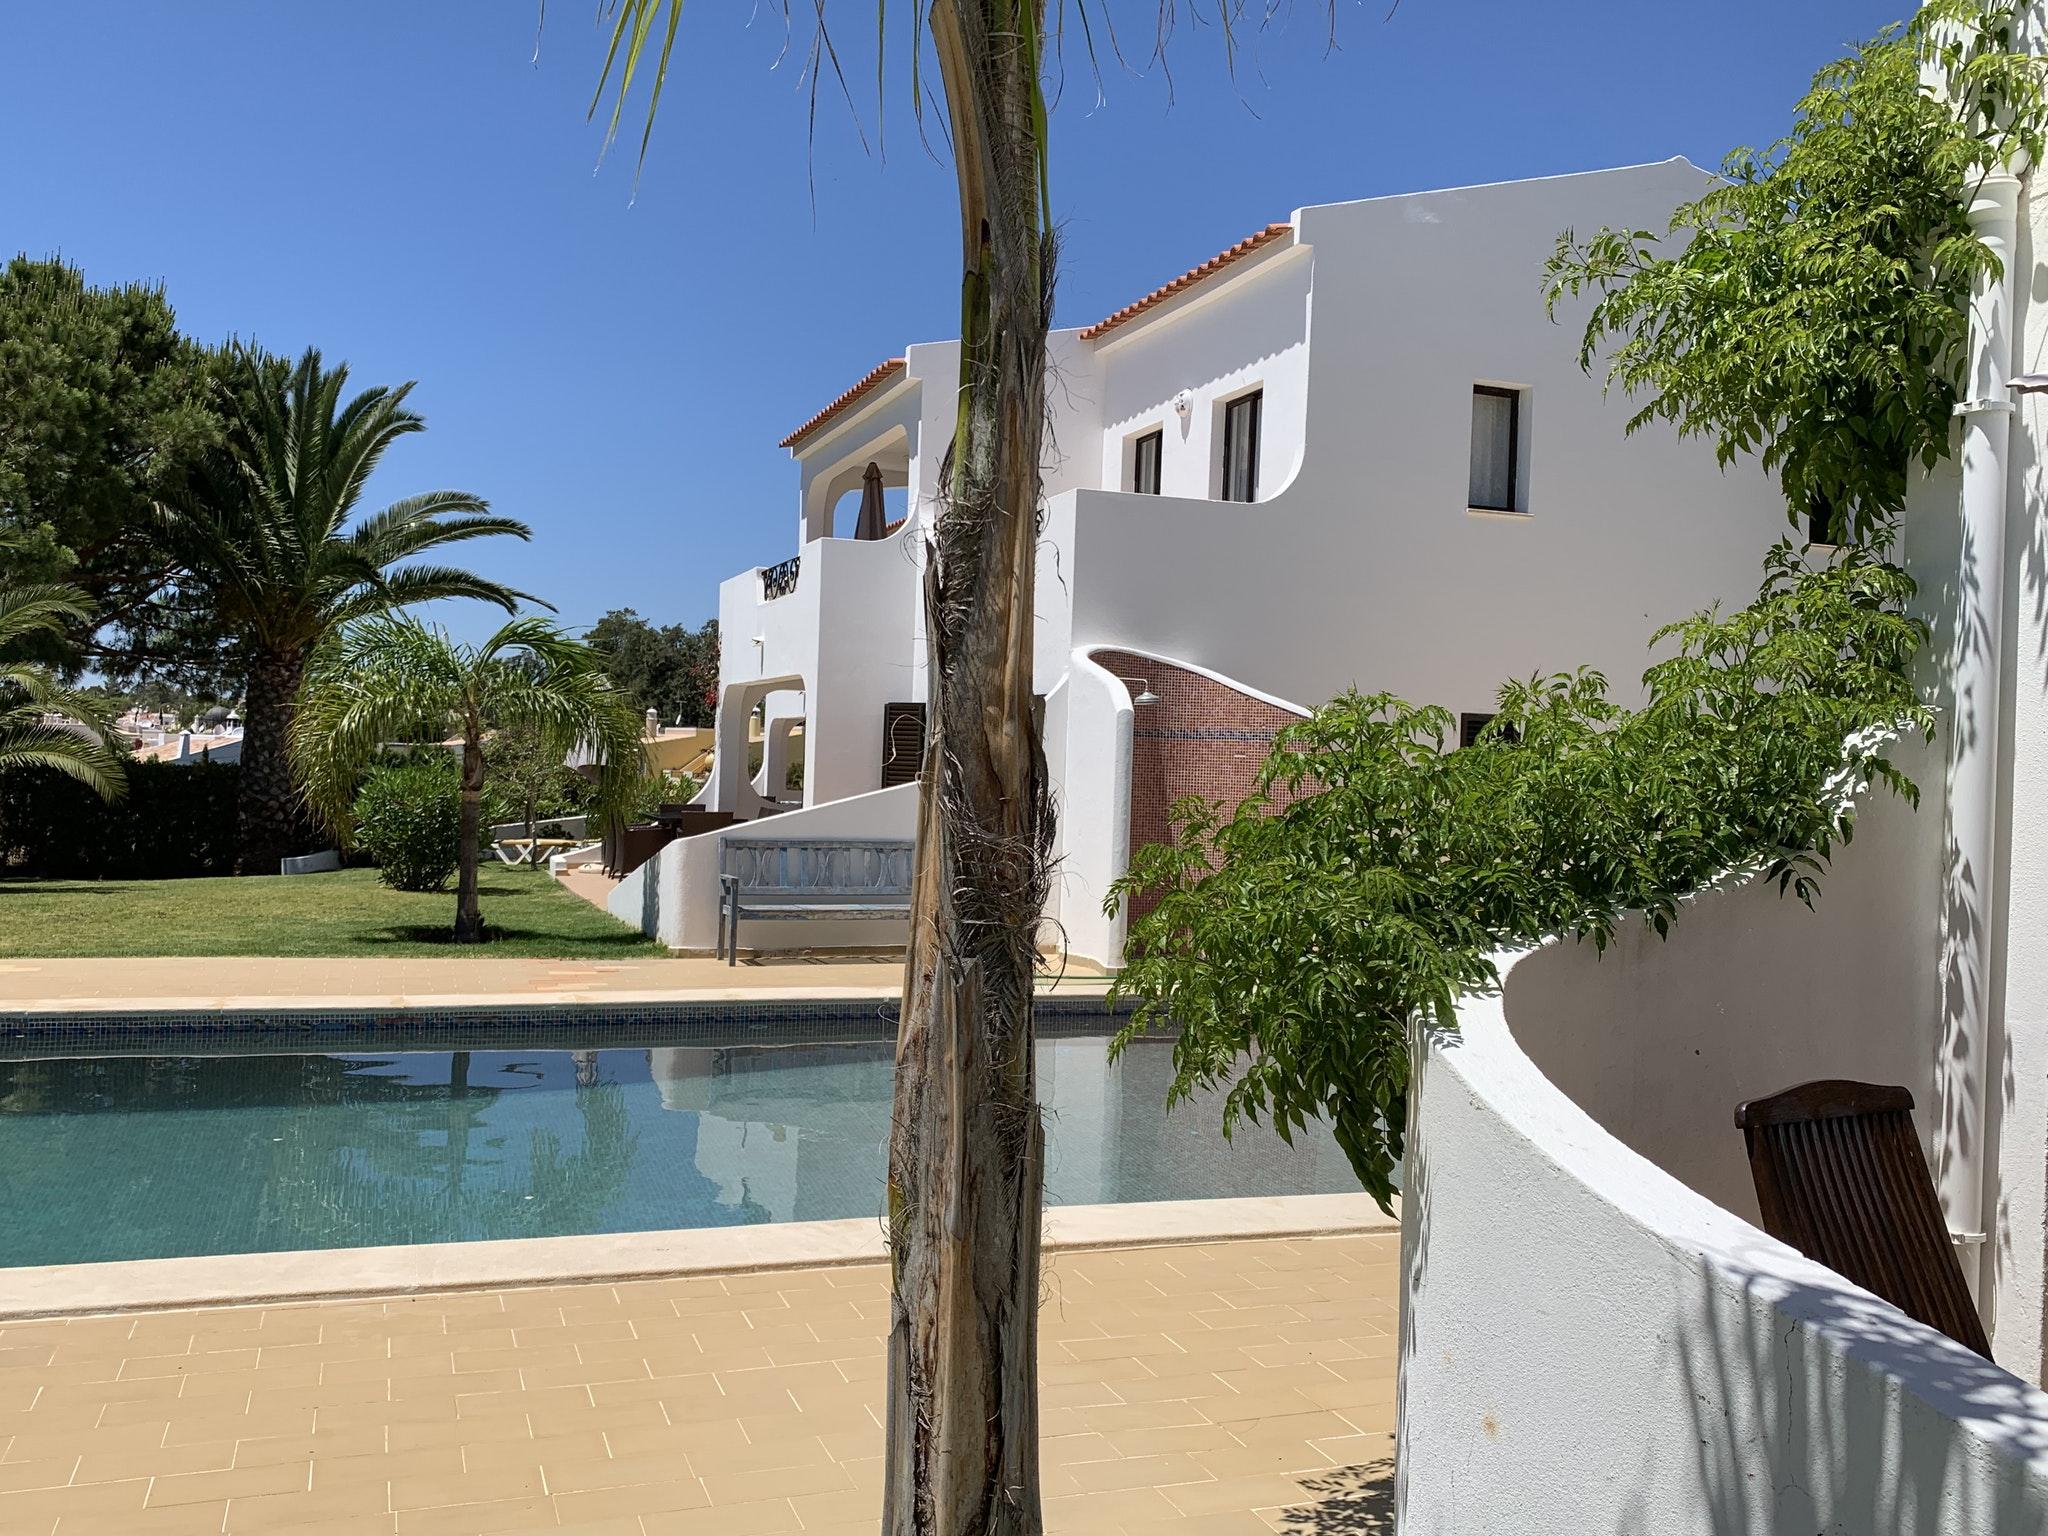 Ferienwohnung Wohnung mit 2 Schlafzimmern in Carvoeiro mit Pool, eingezäuntem Garten und W-LAN - 500 m v (2622212), Carvoeiro, , Algarve, Portugal, Bild 40